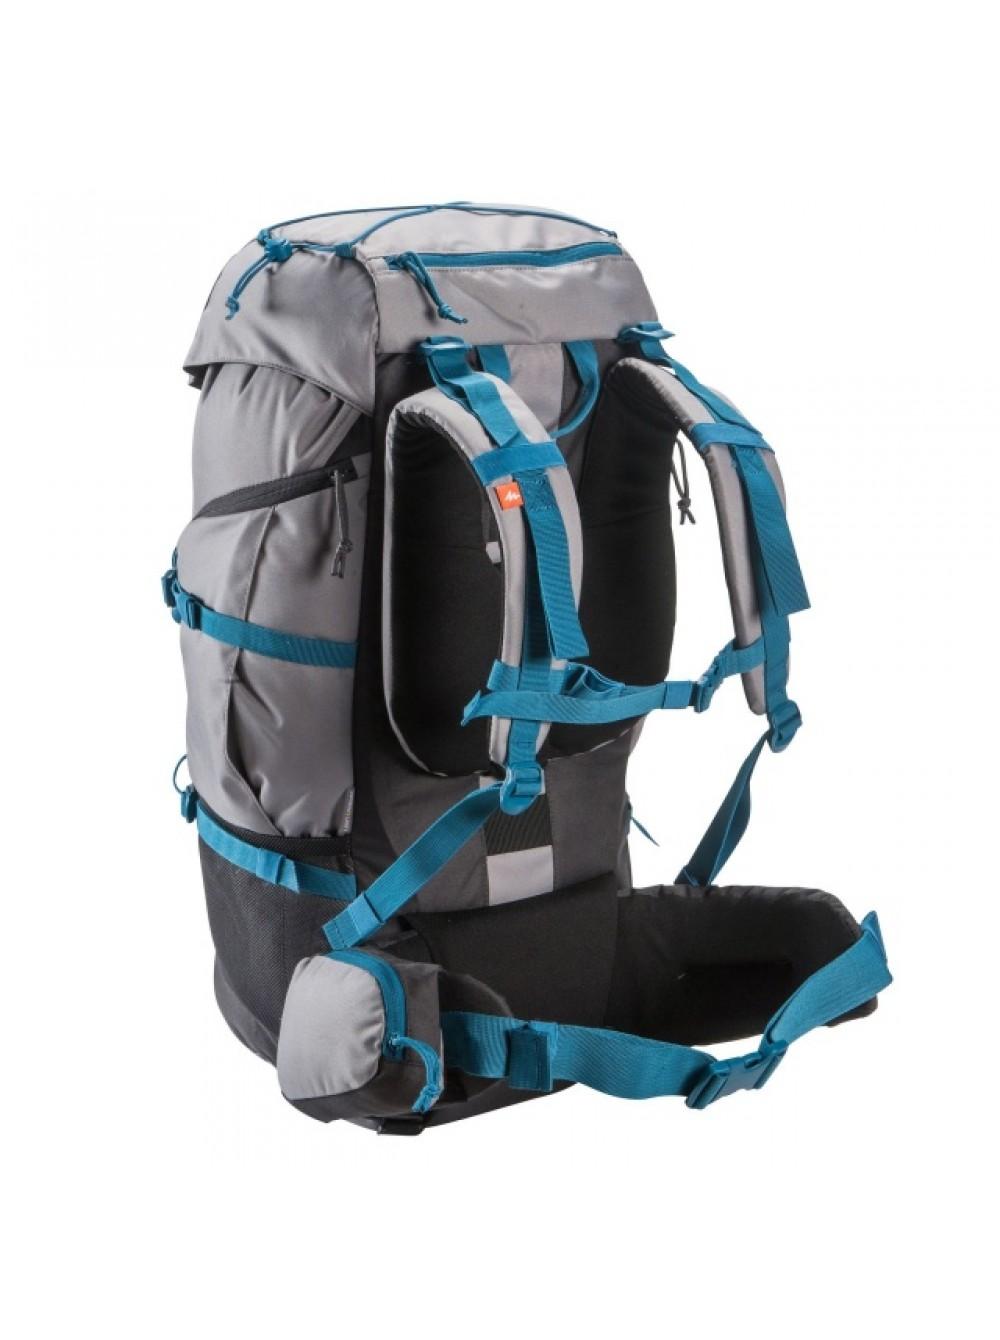 Рюкзак quechua forclaz 50 отзывы купить рюкзак спортивный для баскетбола